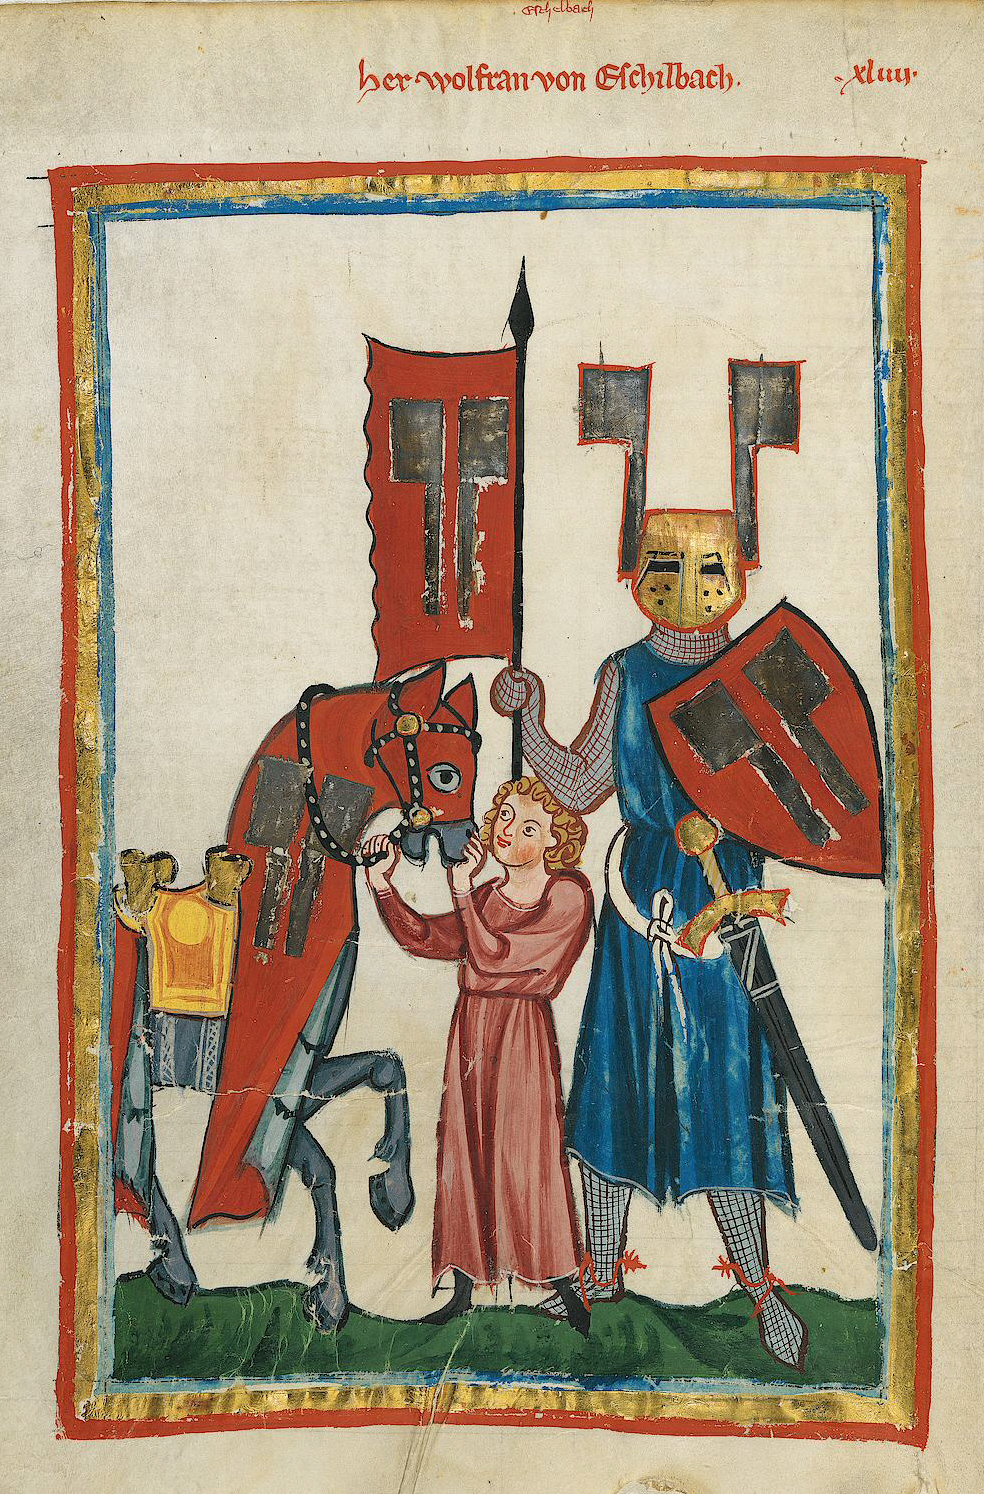 Codex_Manesse_149v_Wolfram_von_Eschenbach.jpg